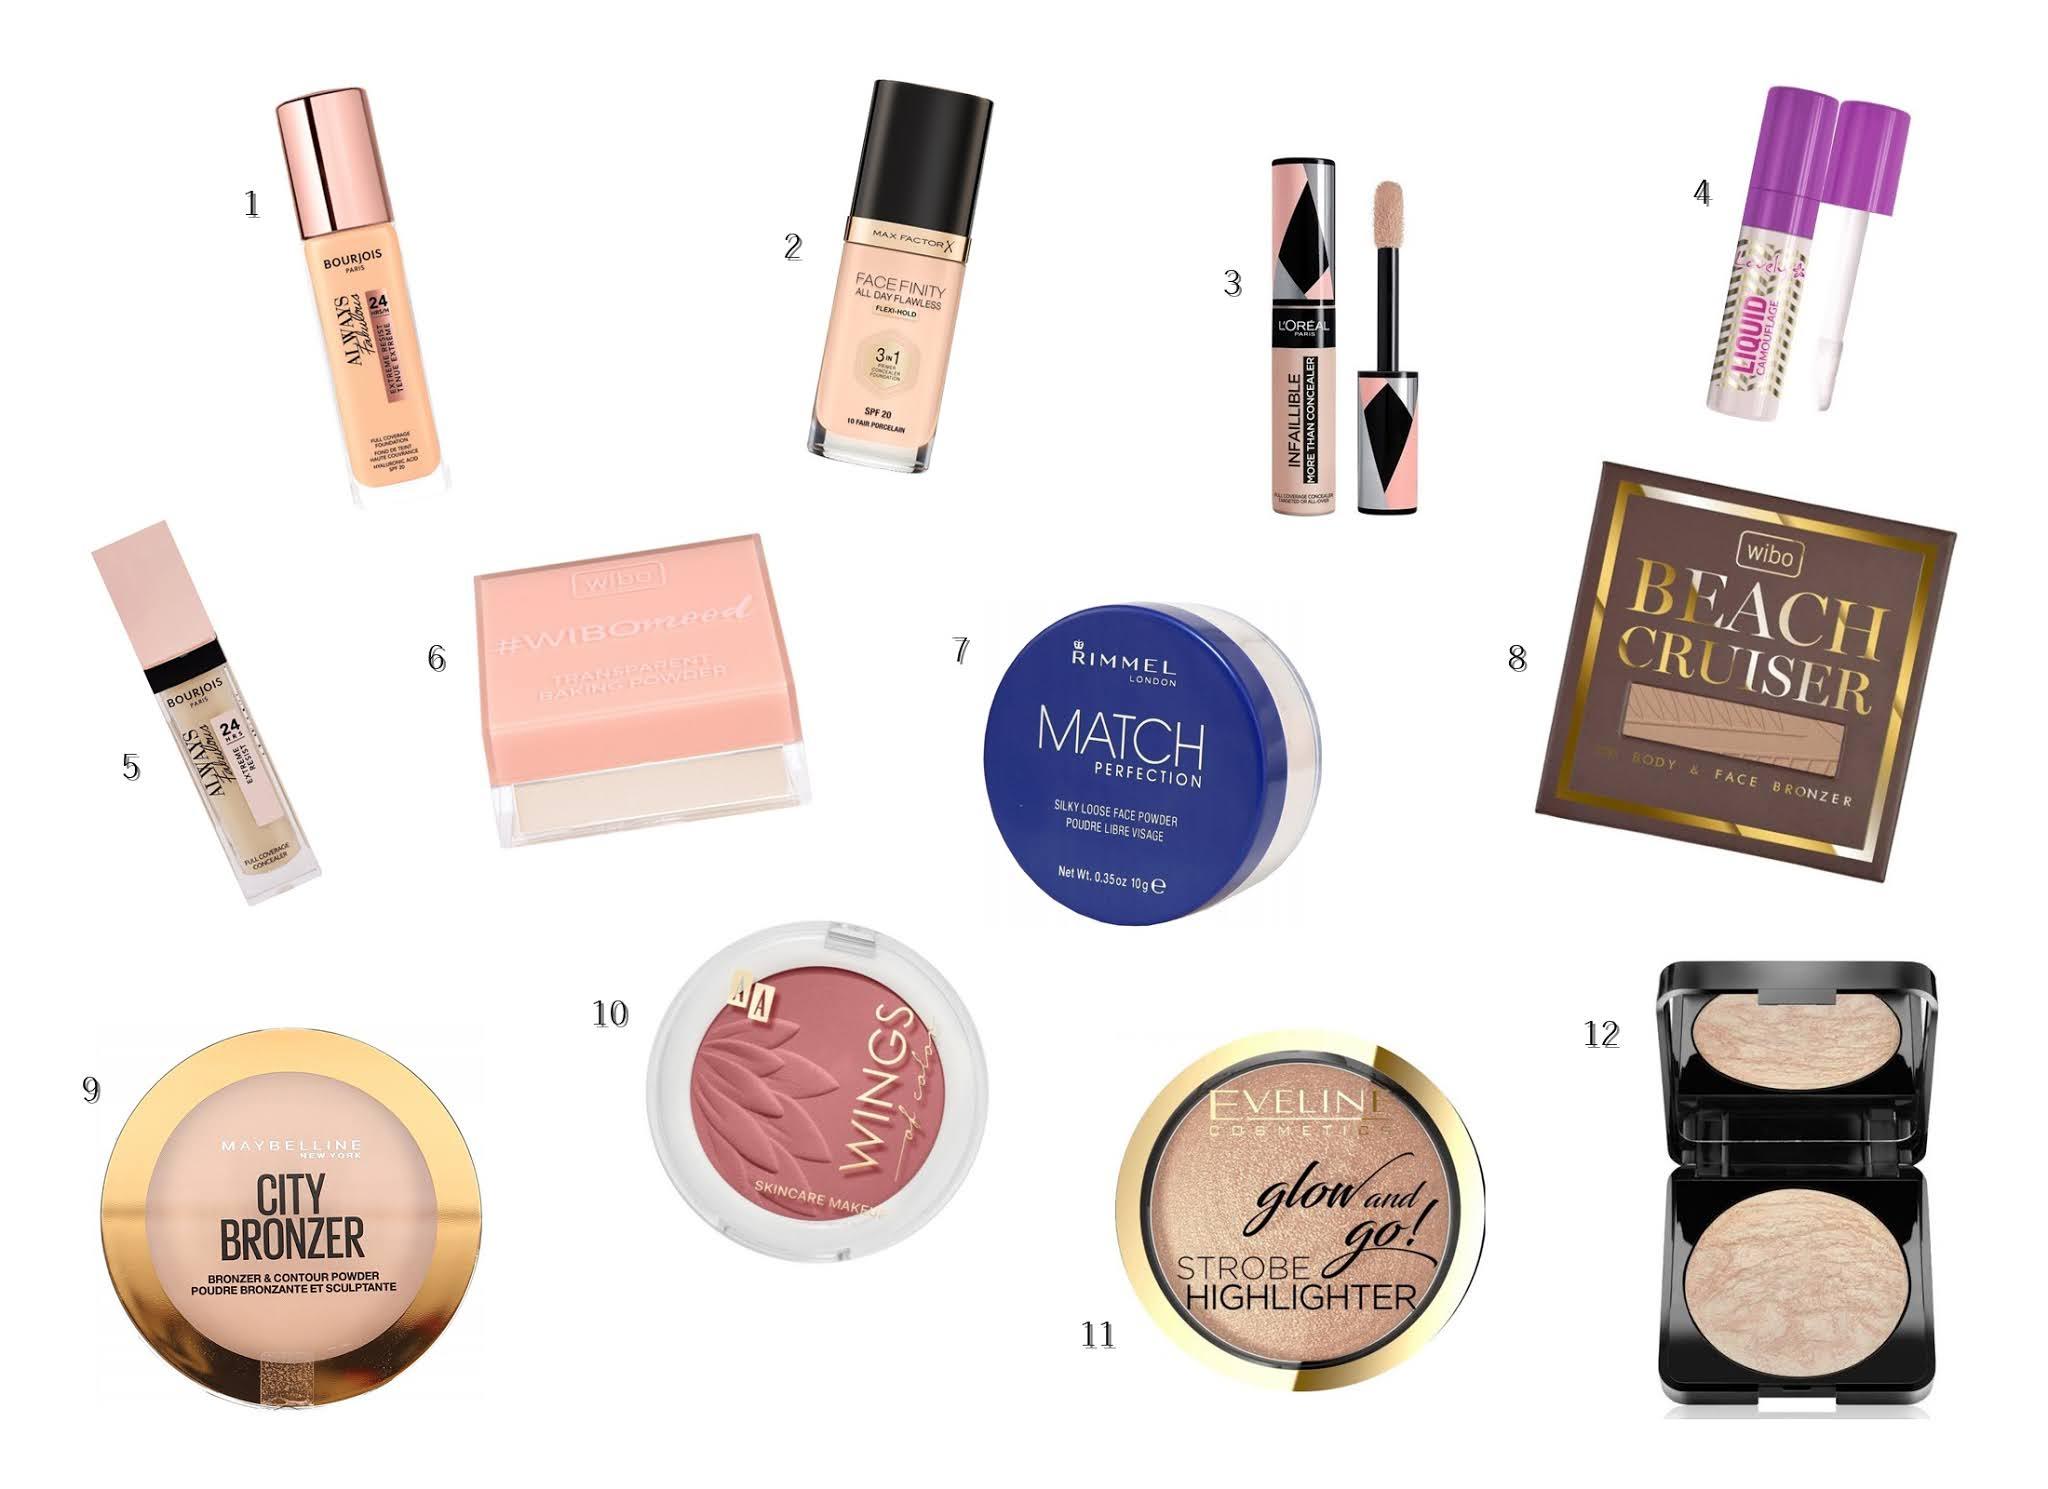 Promocja Rossmann 2020. Co kupić na promocji w Rossmannie? Najlepsze kosmetyki do makijażu w Rossmannie.